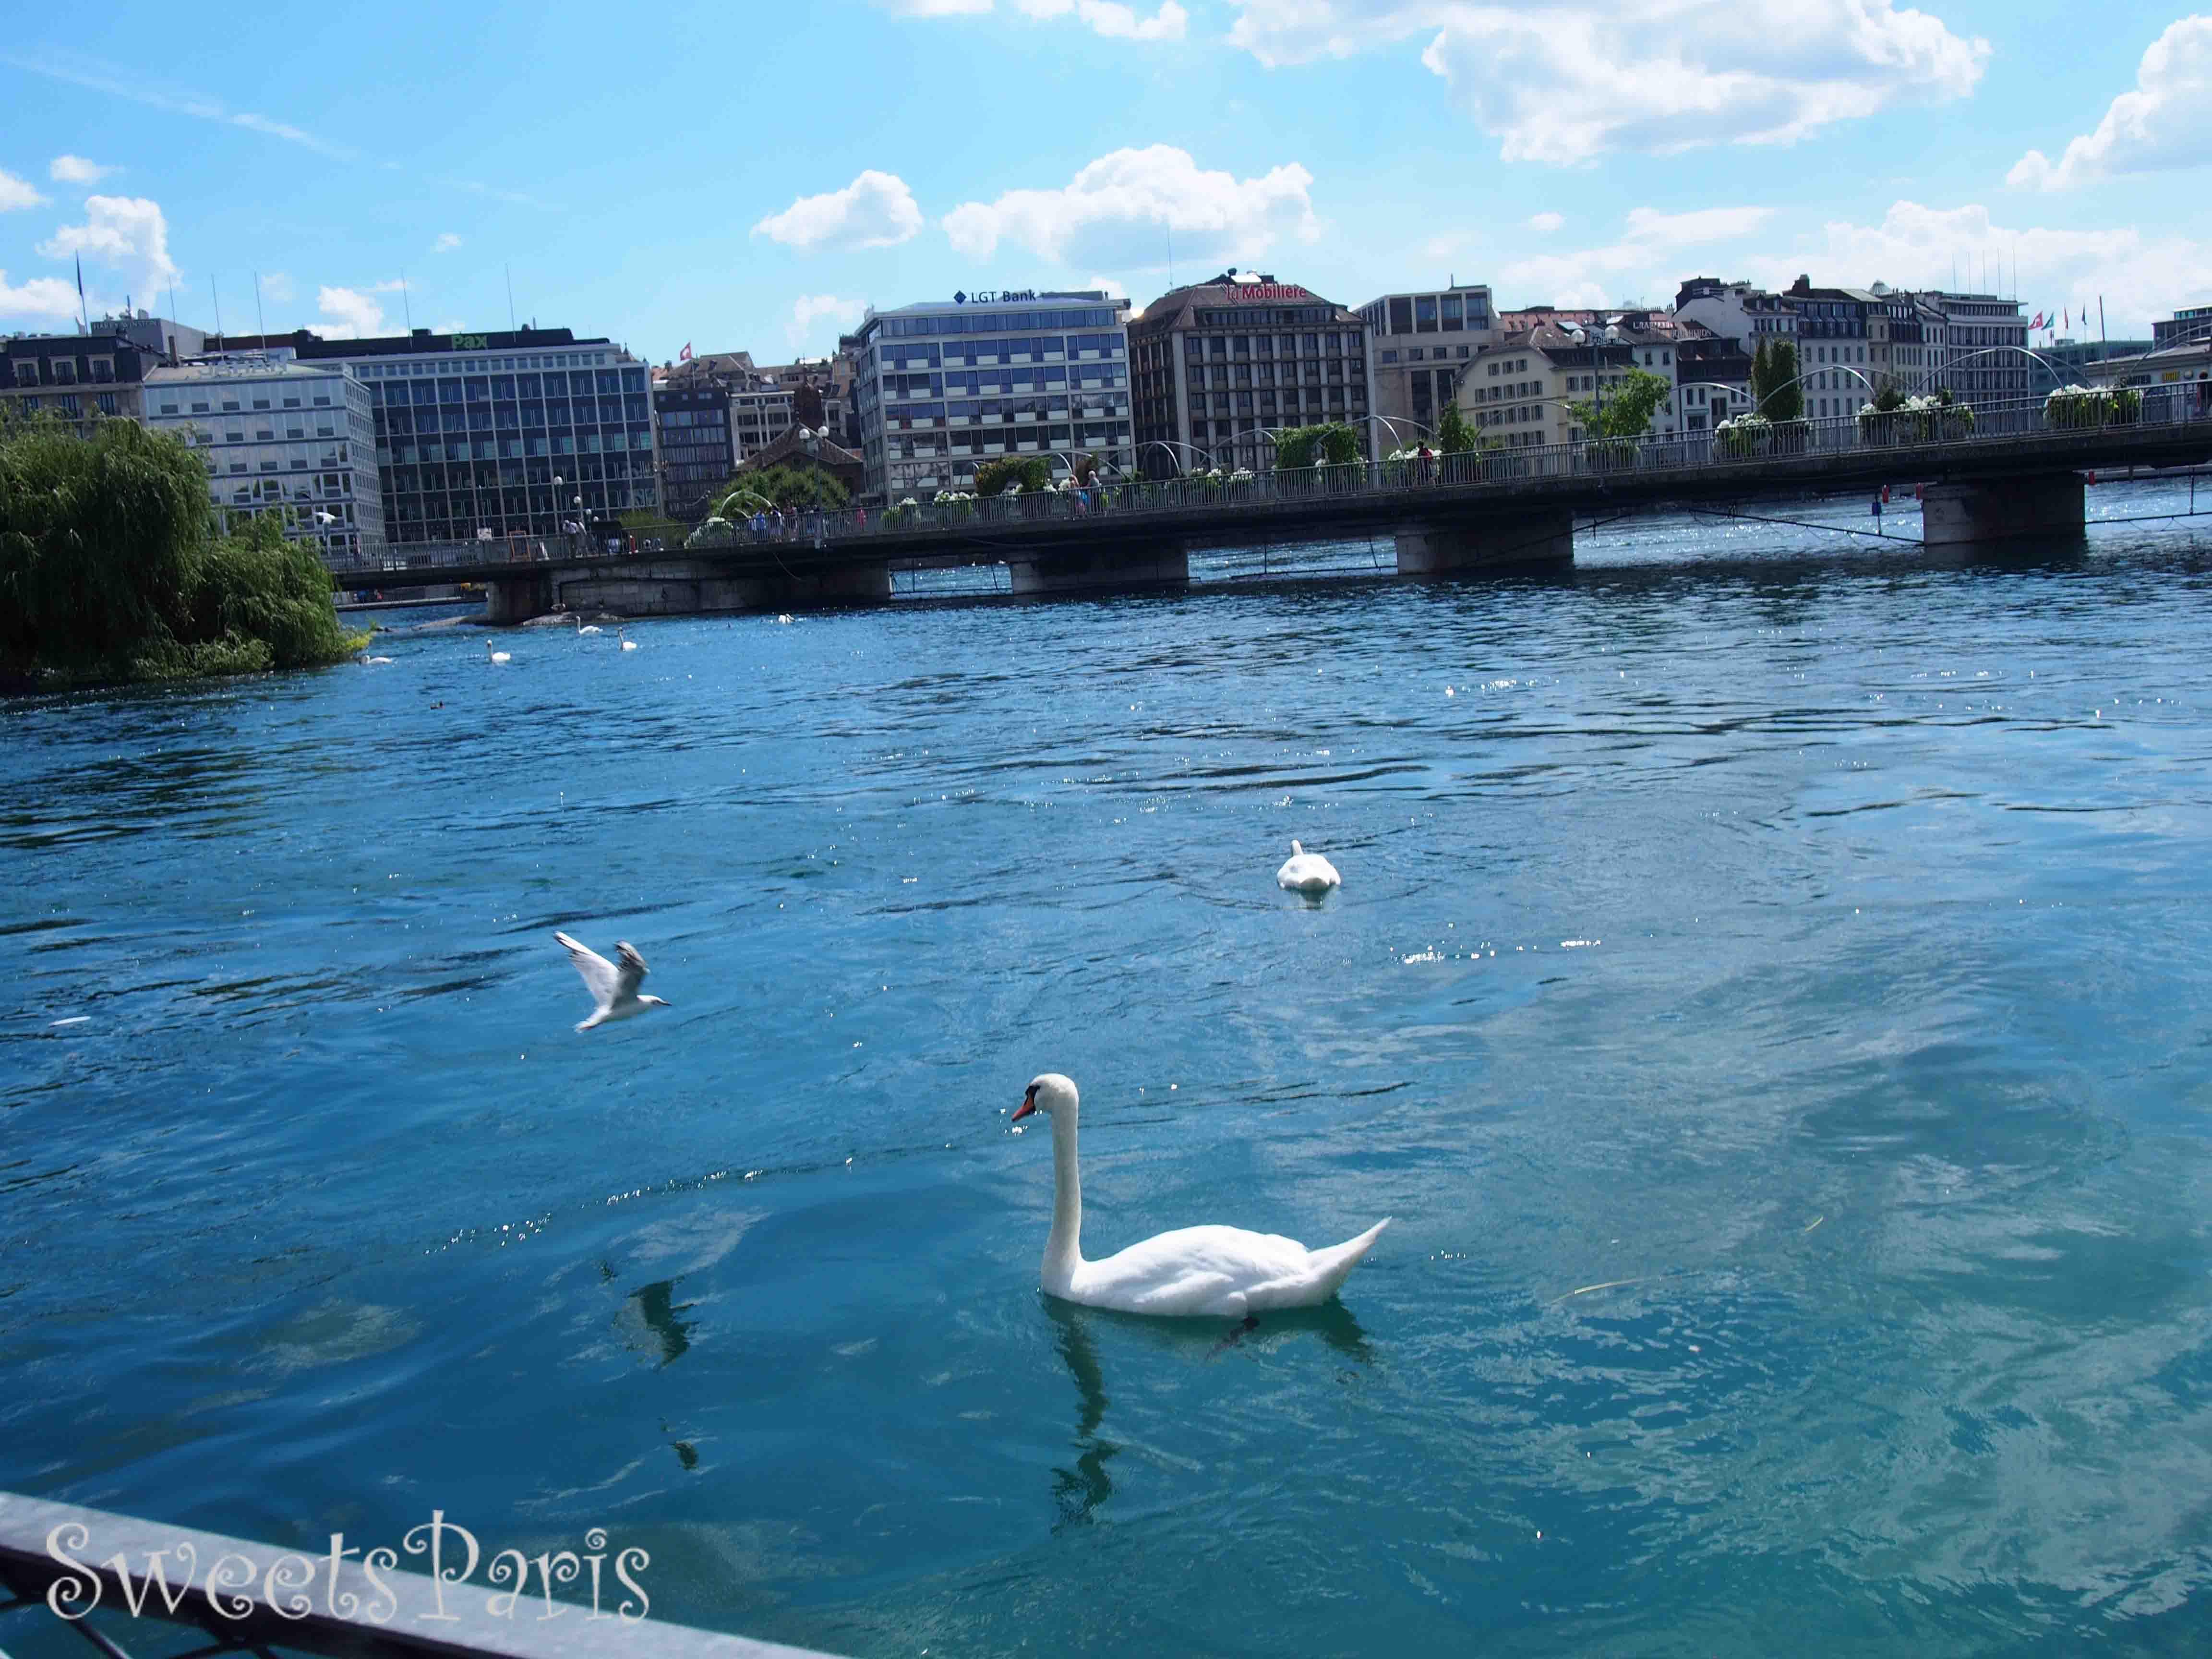 スイス・ジュネーブへの旅行